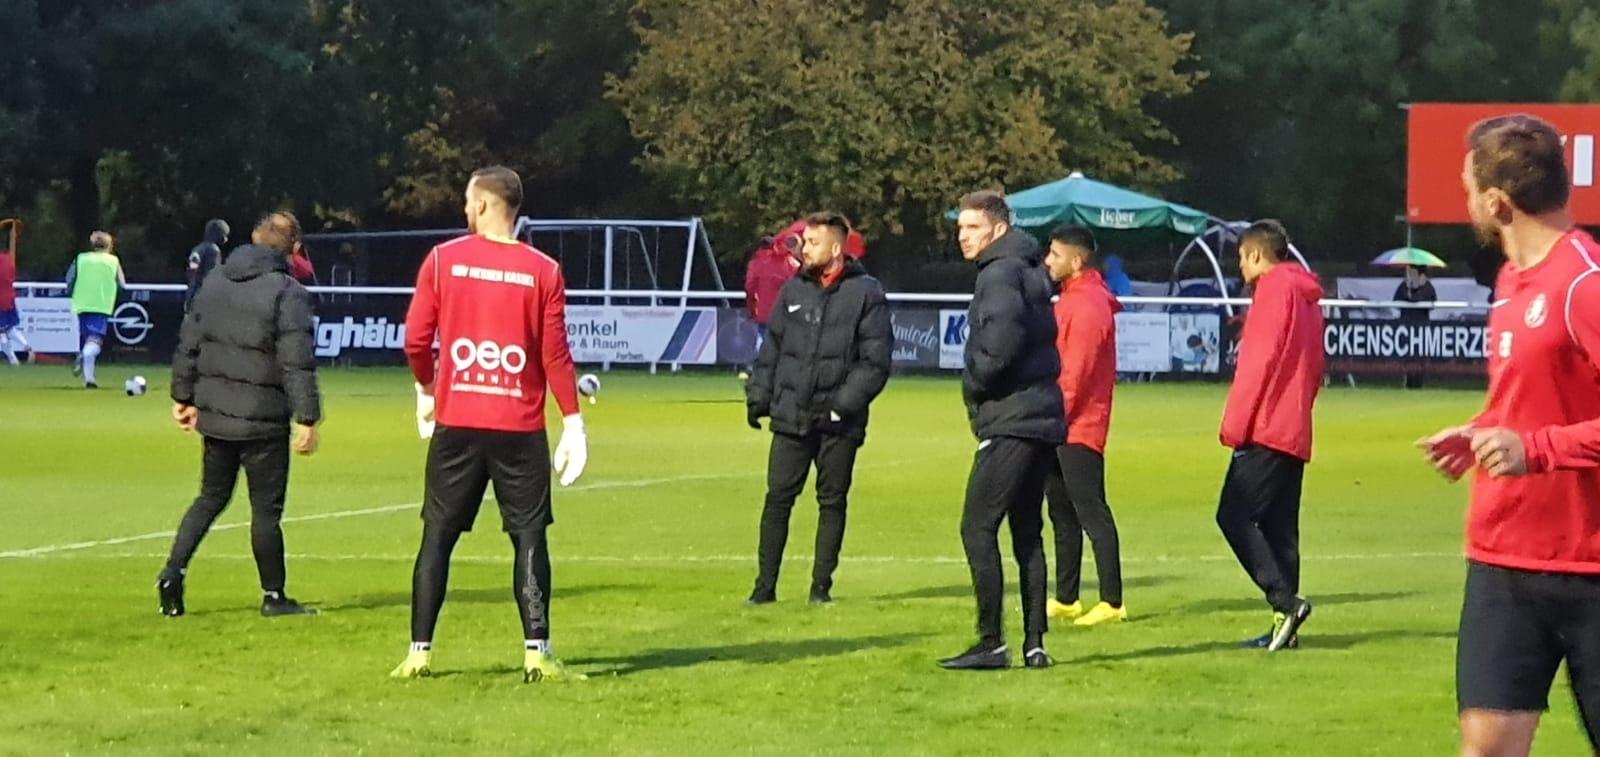 FC Ederbergland - KSV Hessen Kassel